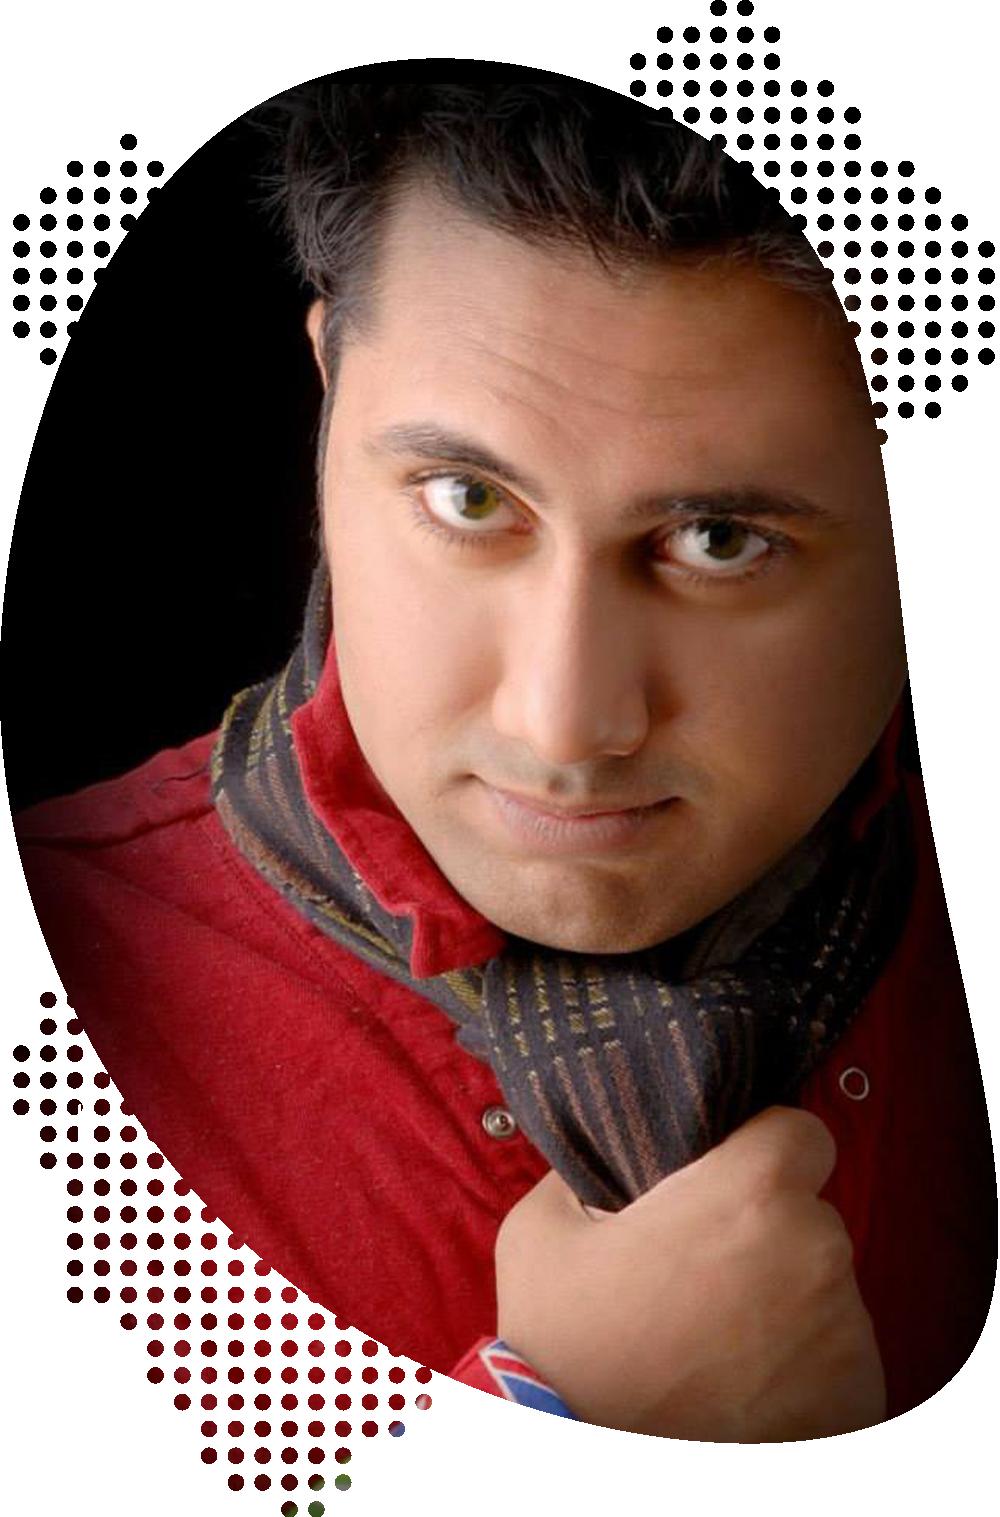 Kashif Qureshi